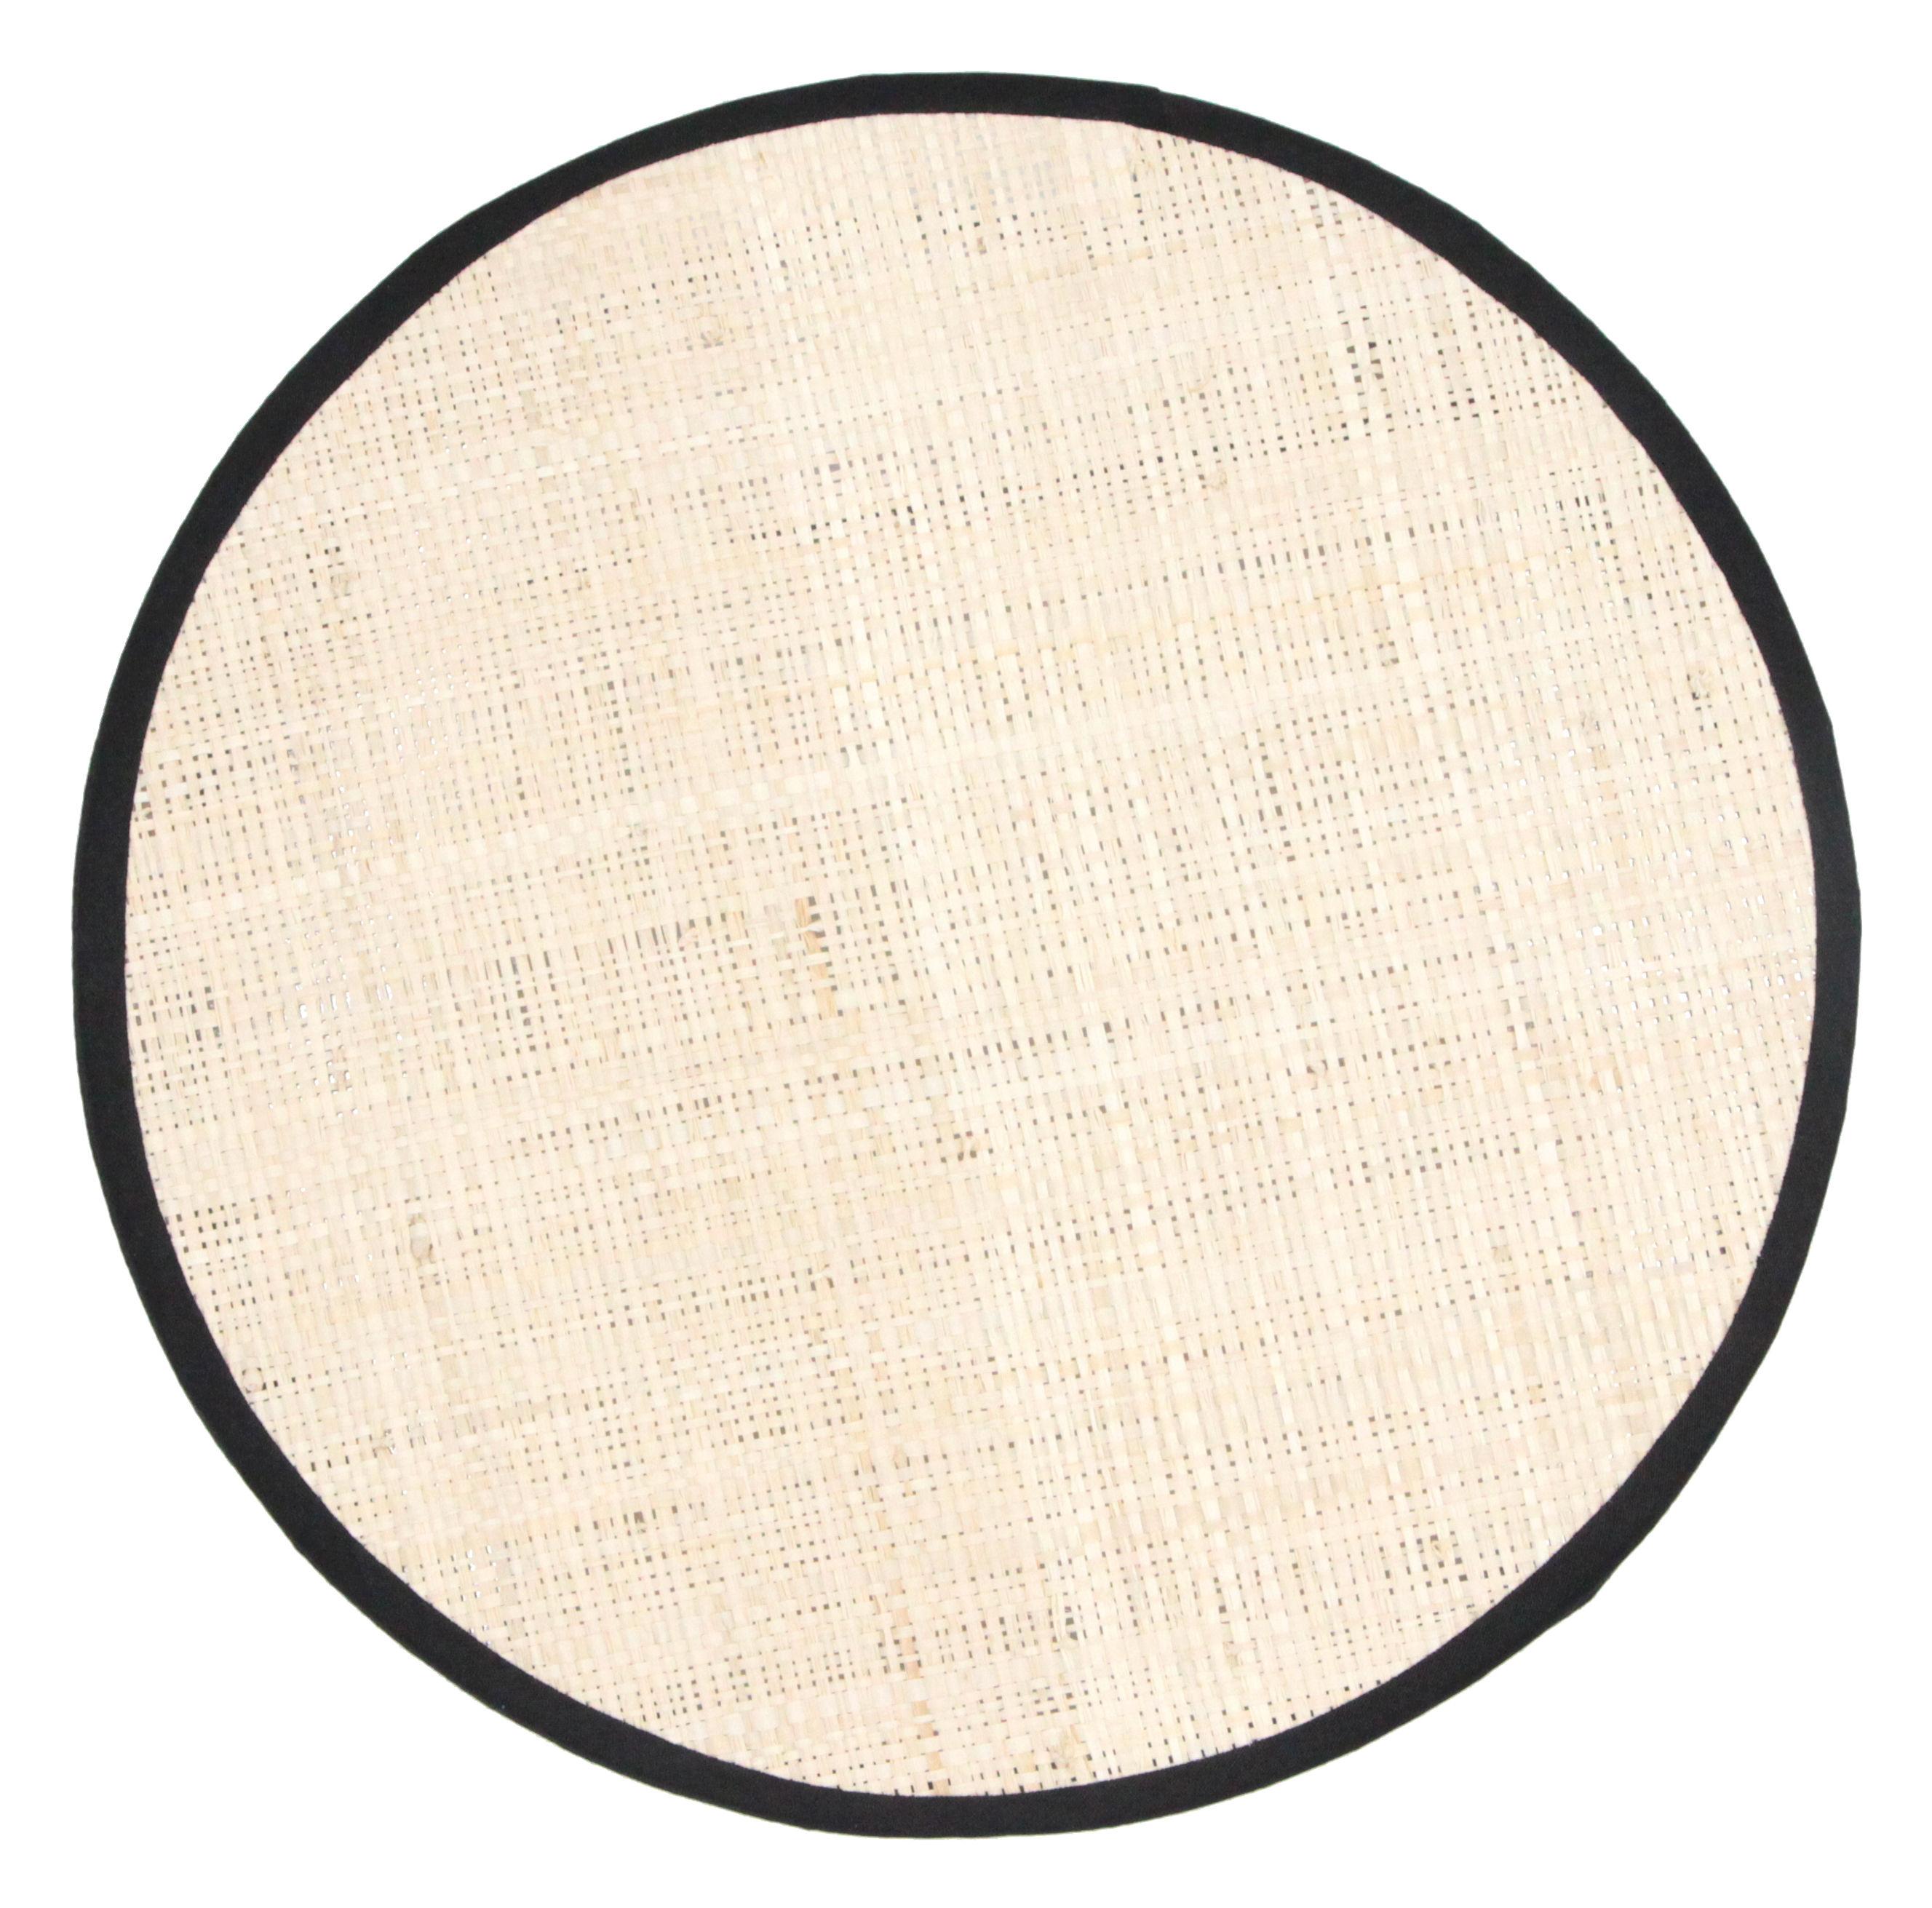 applique tambourin rabane 25 non lectrifi rabane. Black Bedroom Furniture Sets. Home Design Ideas